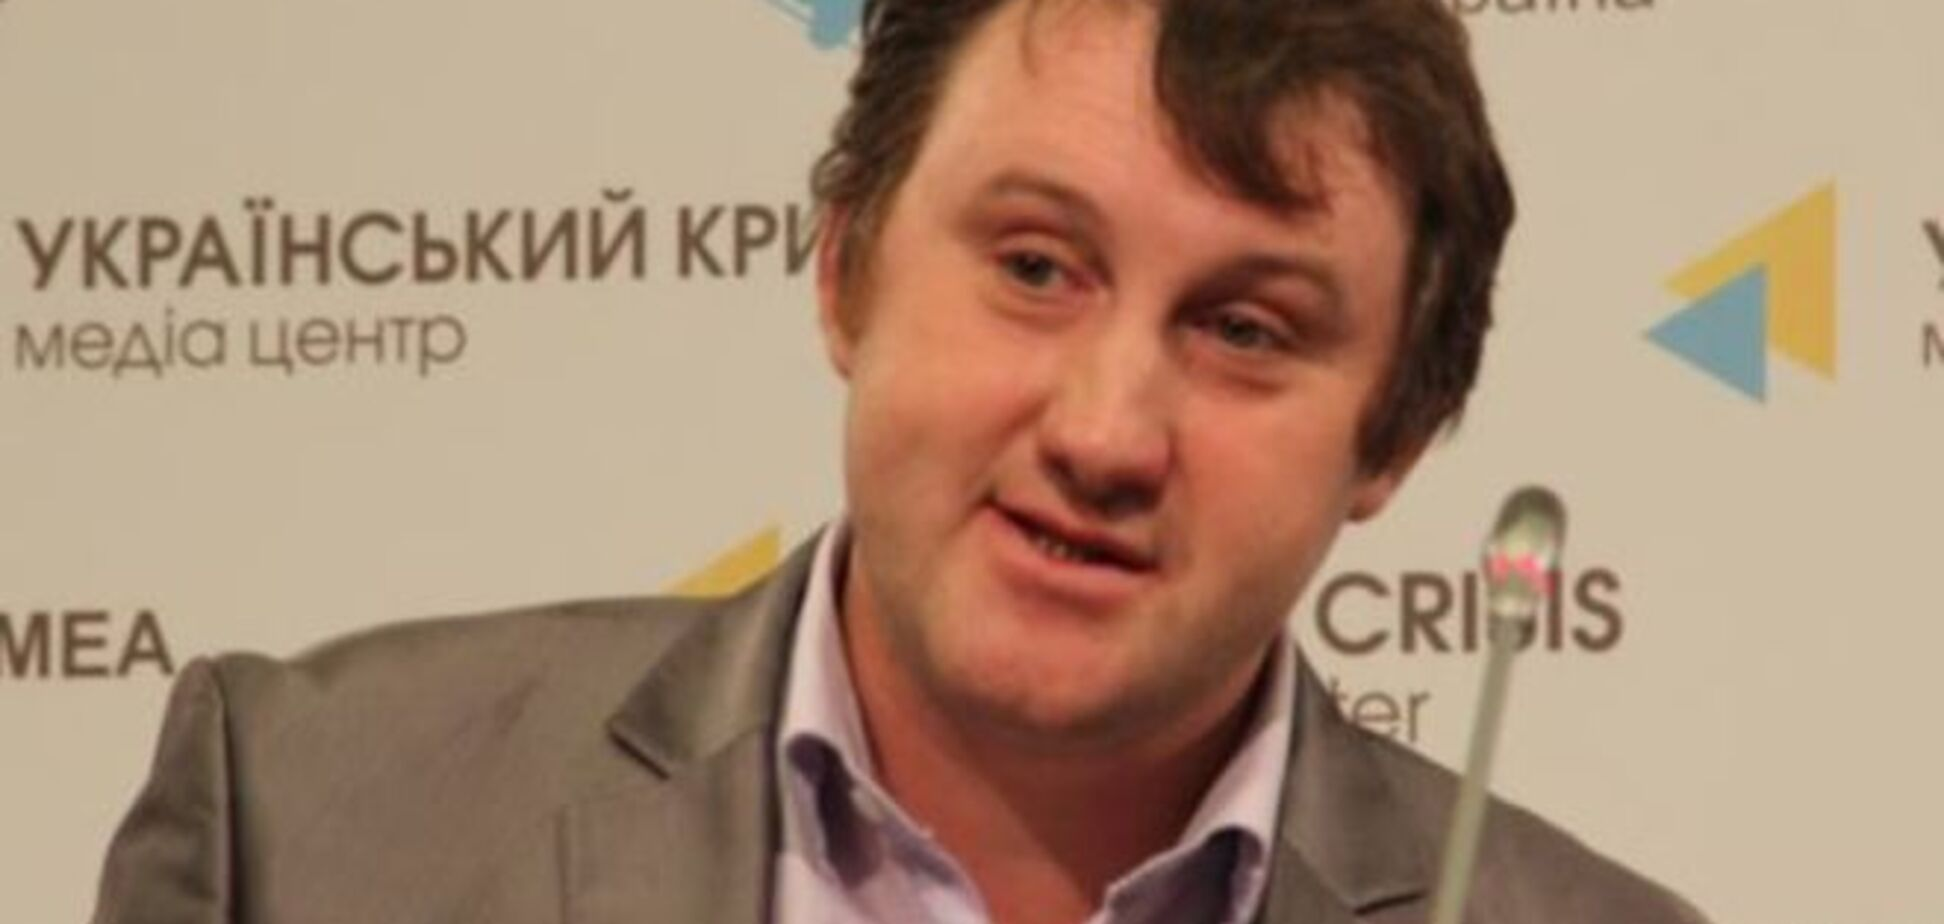 Активисты крымского Евромайдана не боятся арестов Поклонской